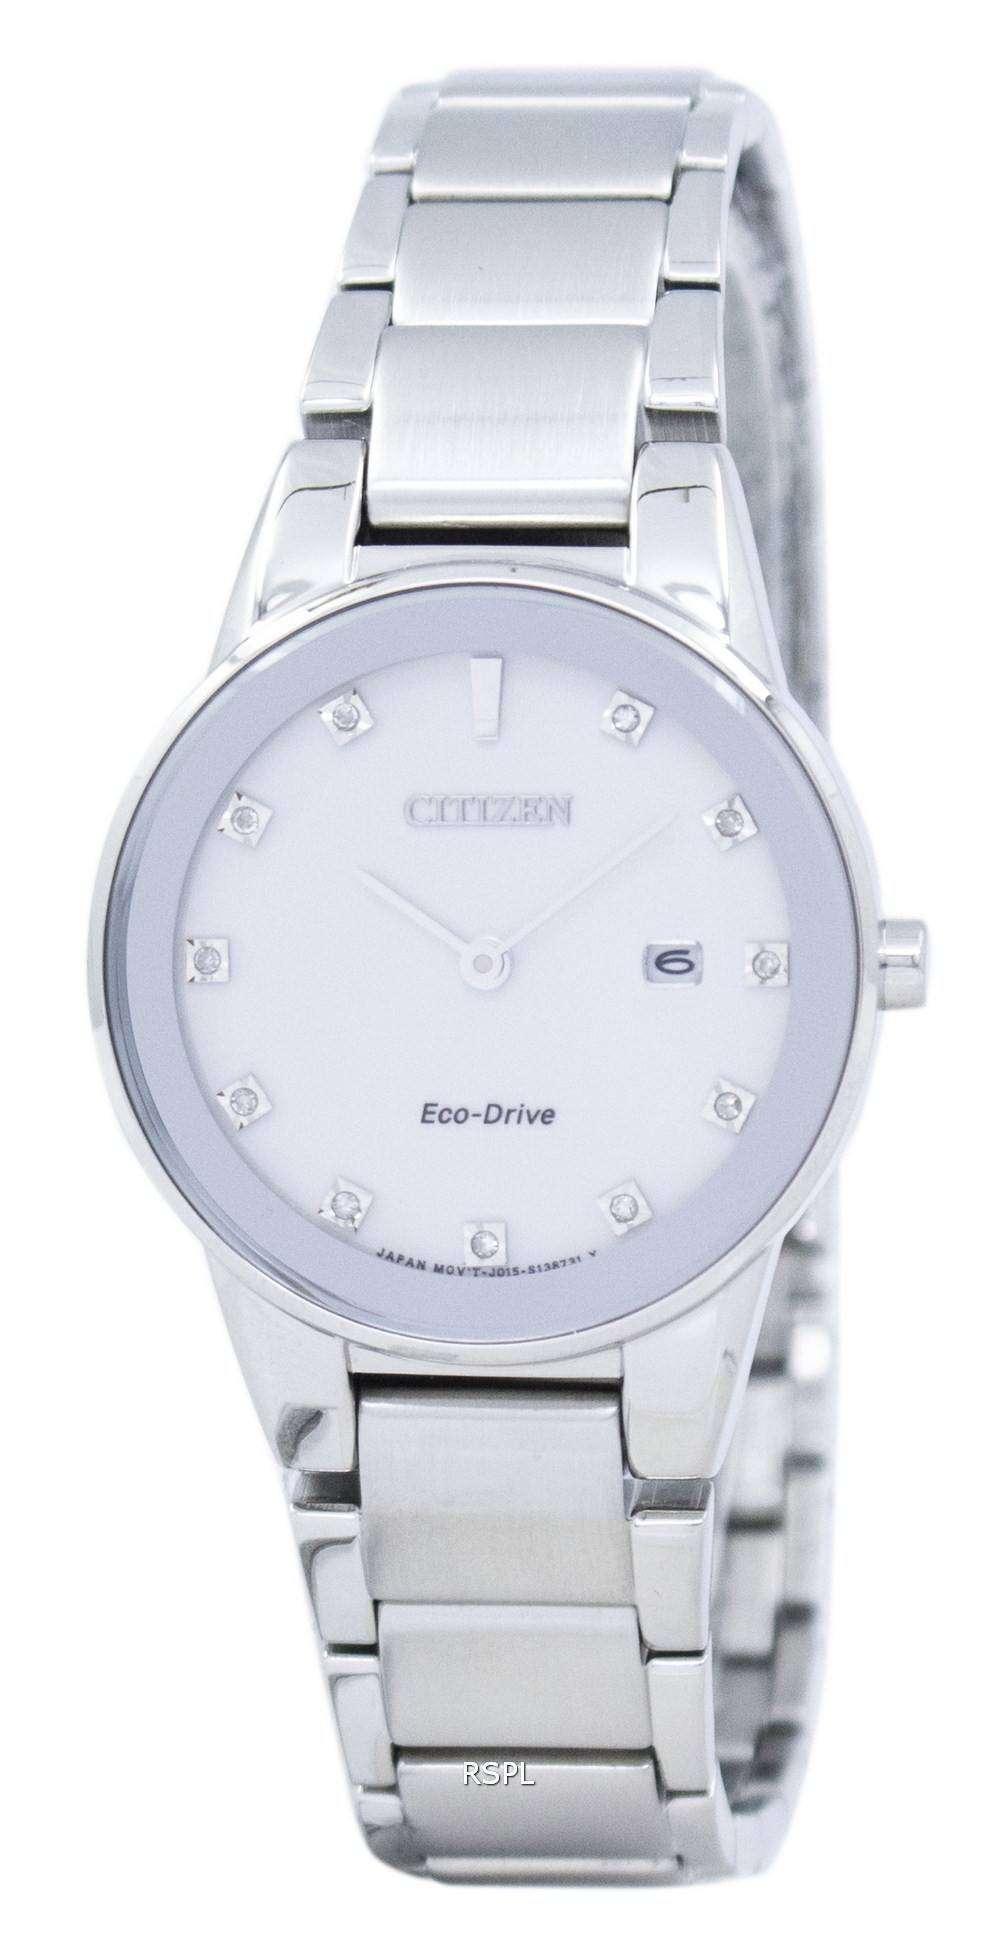 シチズンエコ ドライブ公理ダイヤモンド アクセント GA1050 51B レディース腕時計